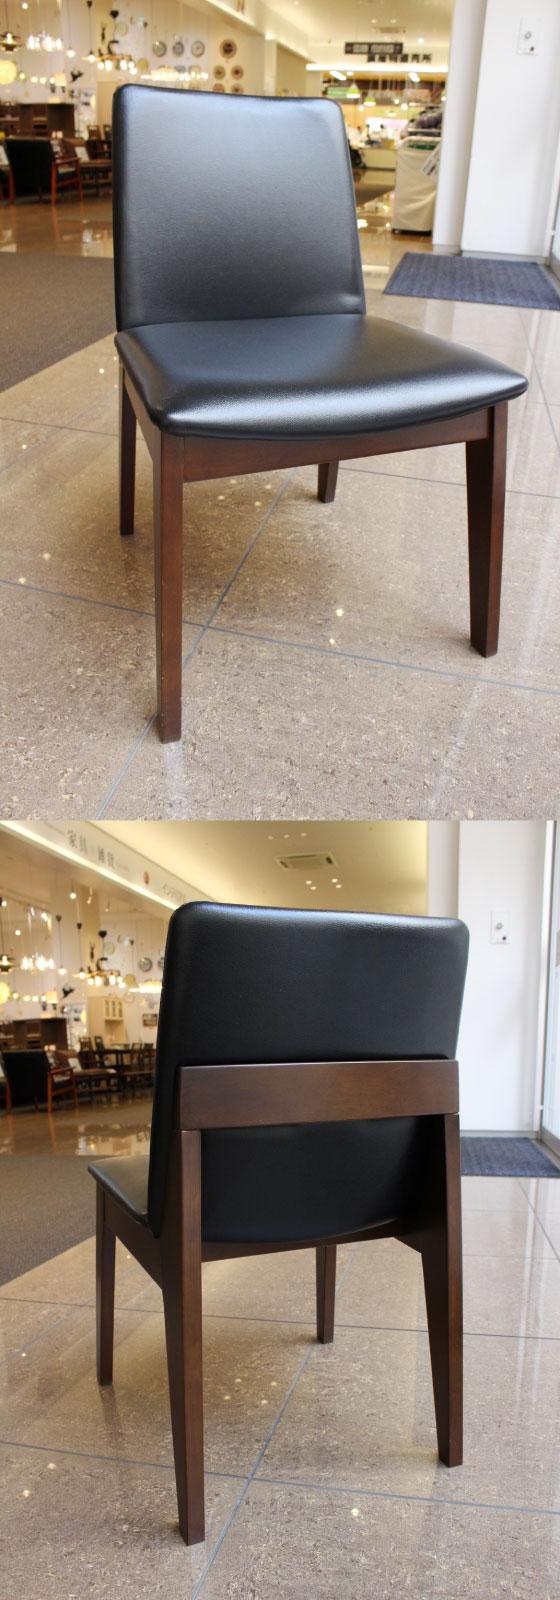 天然木&PVCレザー製・ダイニングチェア(2脚セット)ブラック【完売しました】